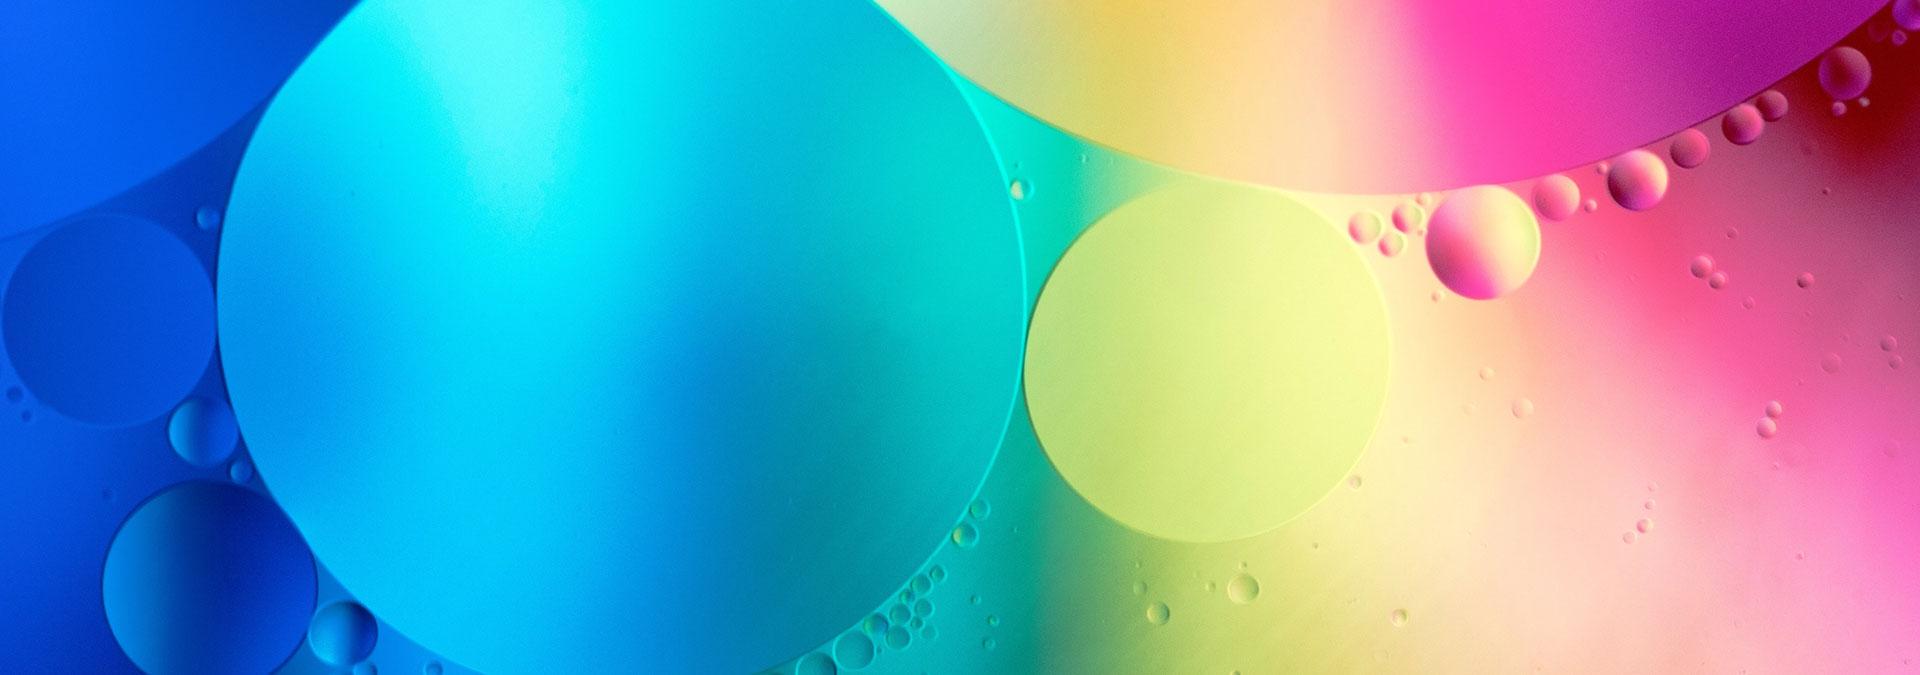 Pantone vs CMYK Colour Specifications